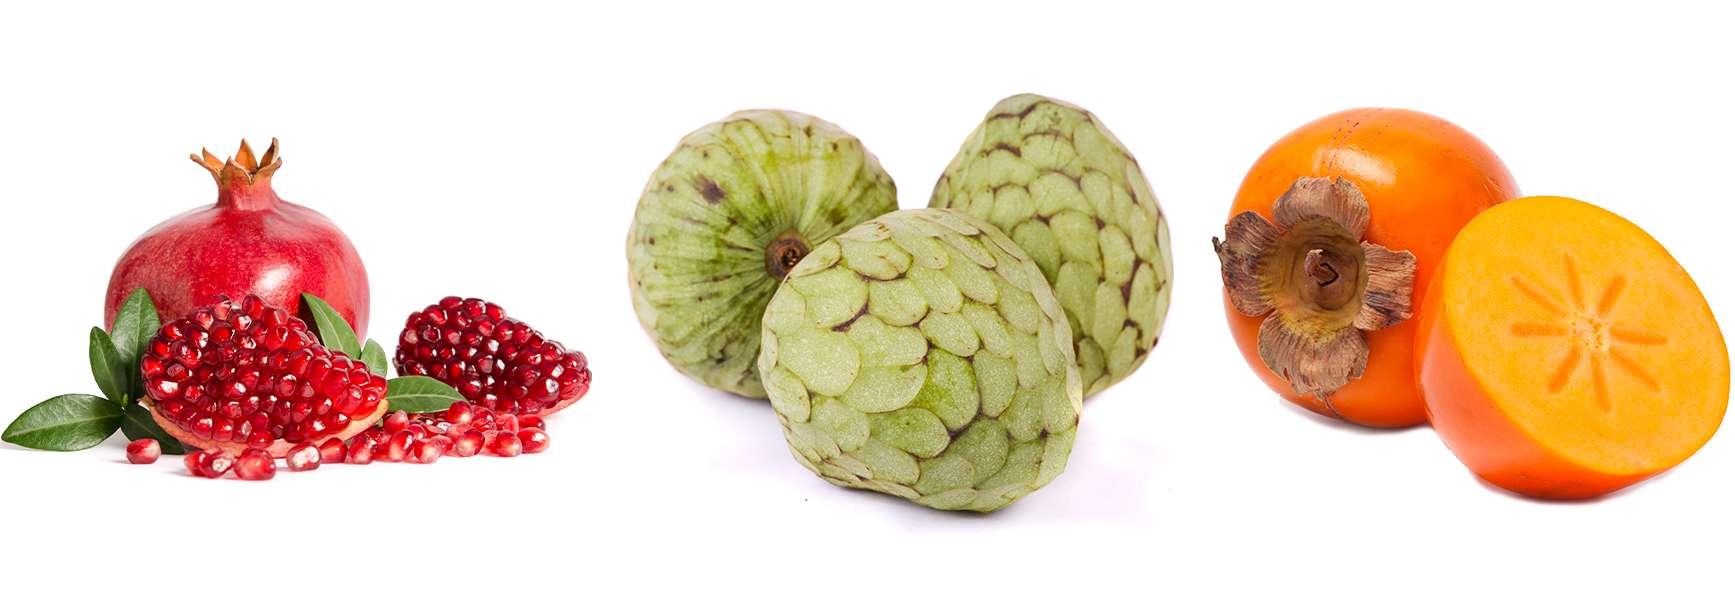 Fruta ecológica de temporada otoño invierno